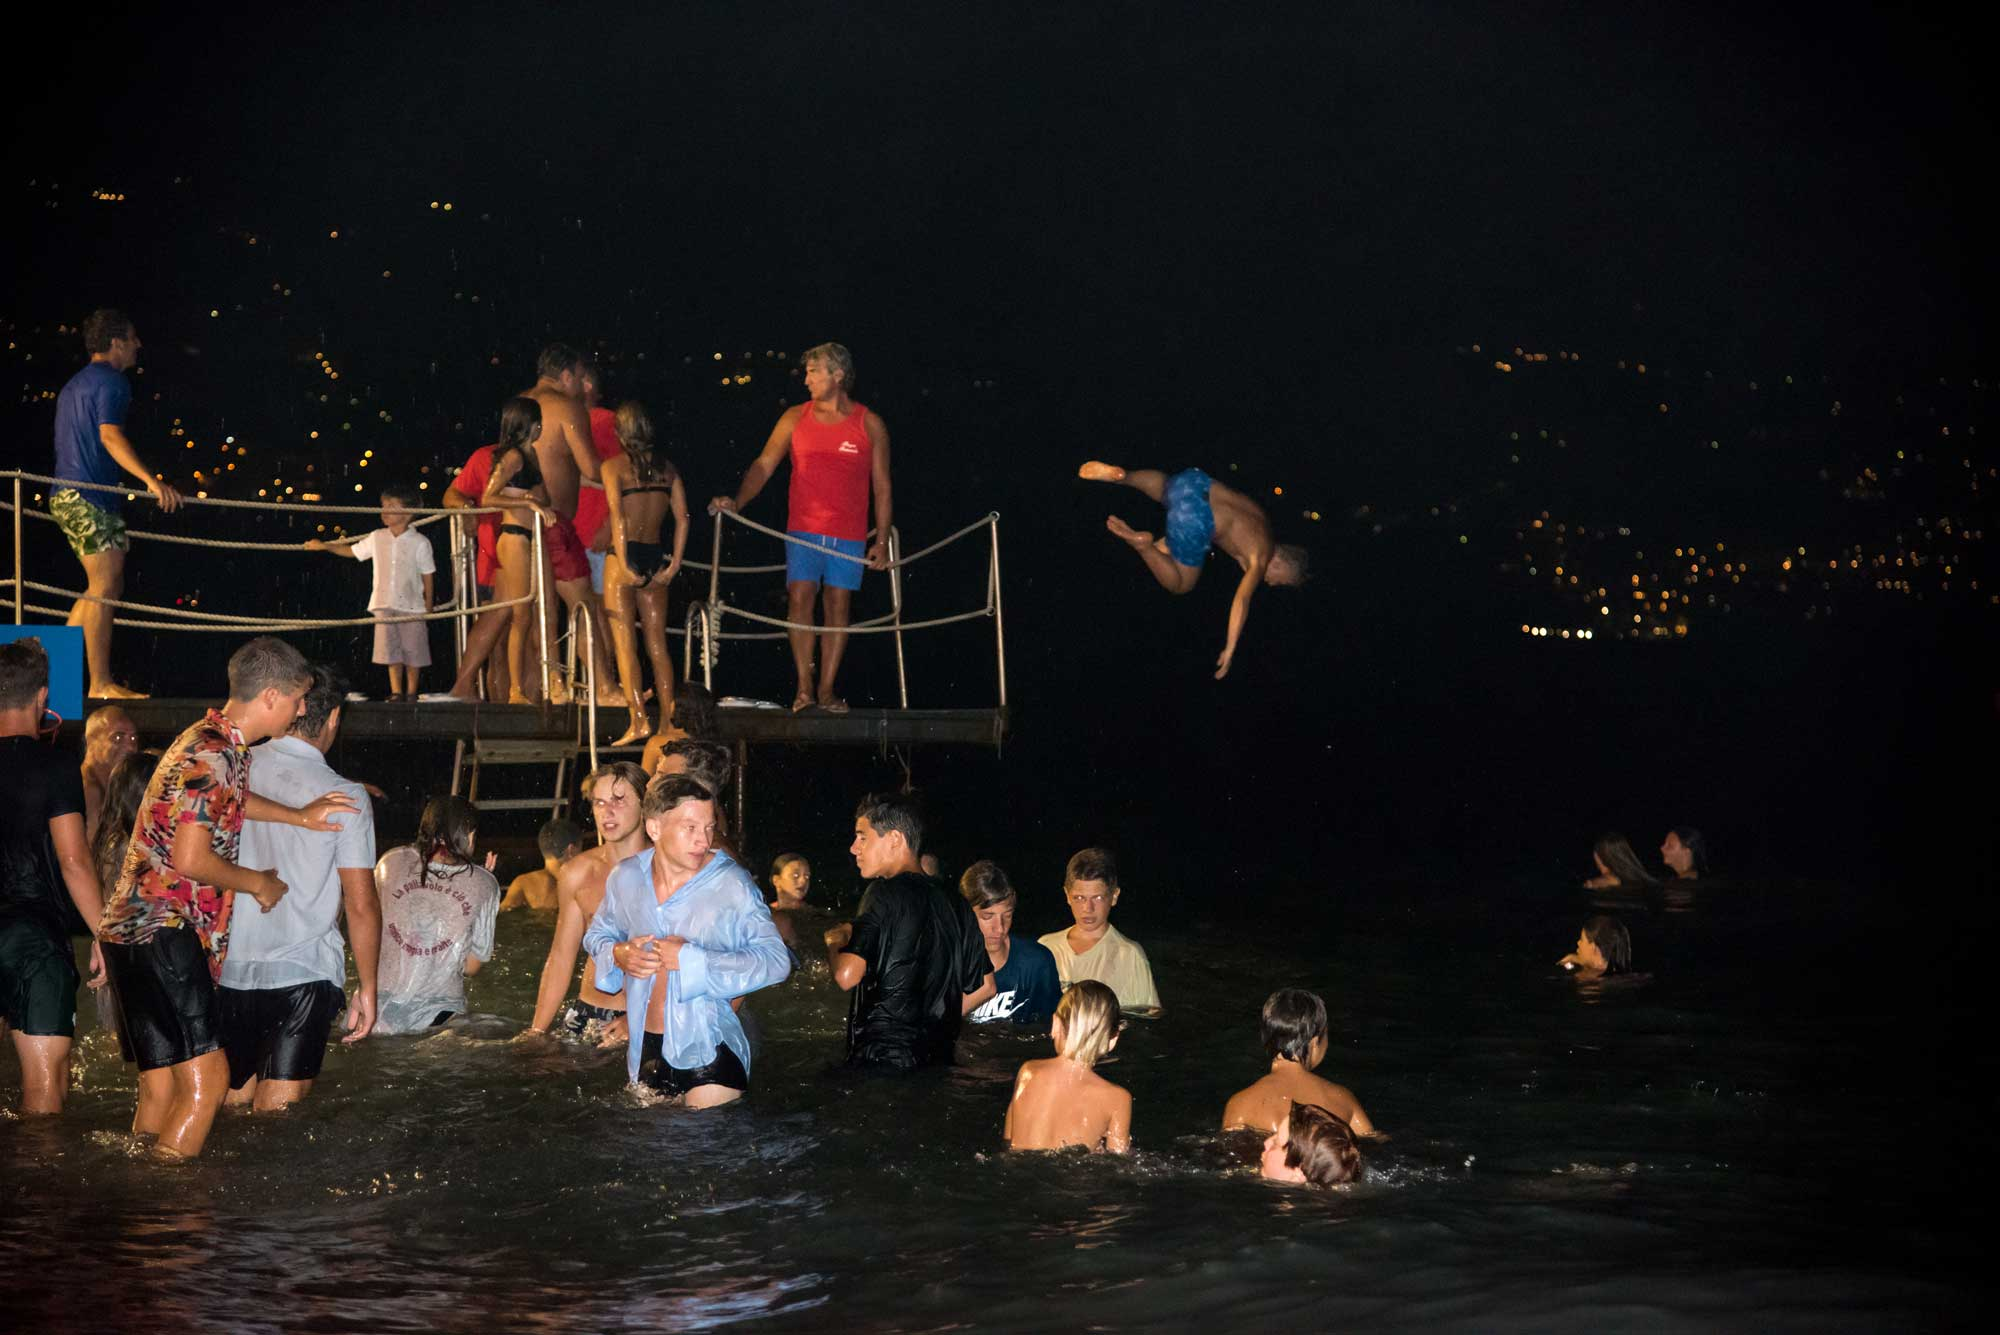 Bagno di mezzanotte a ferragosto - Bagni Sirena 2020